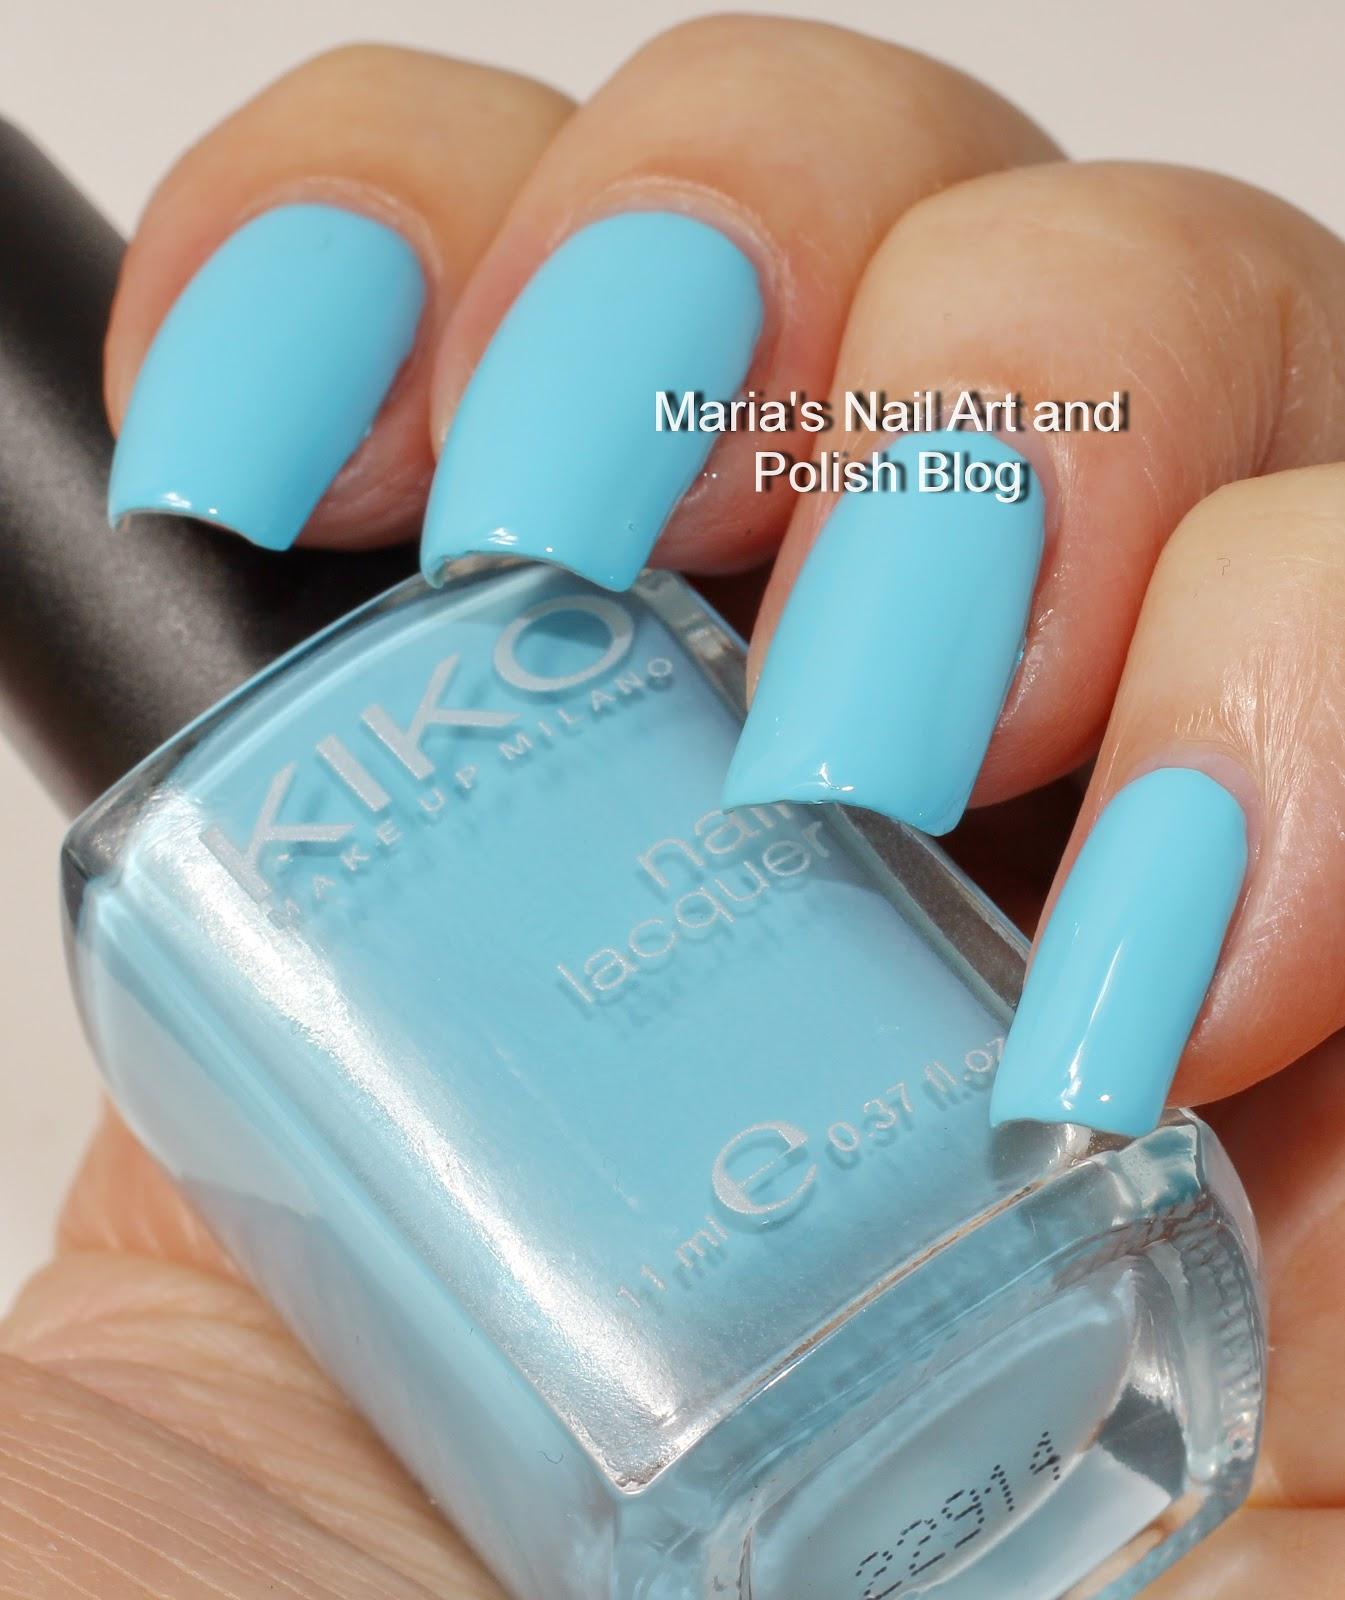 Pink And Blue Nail Polish: Marias Nail Art And Polish Blog: Kiko 340 Light Blue And